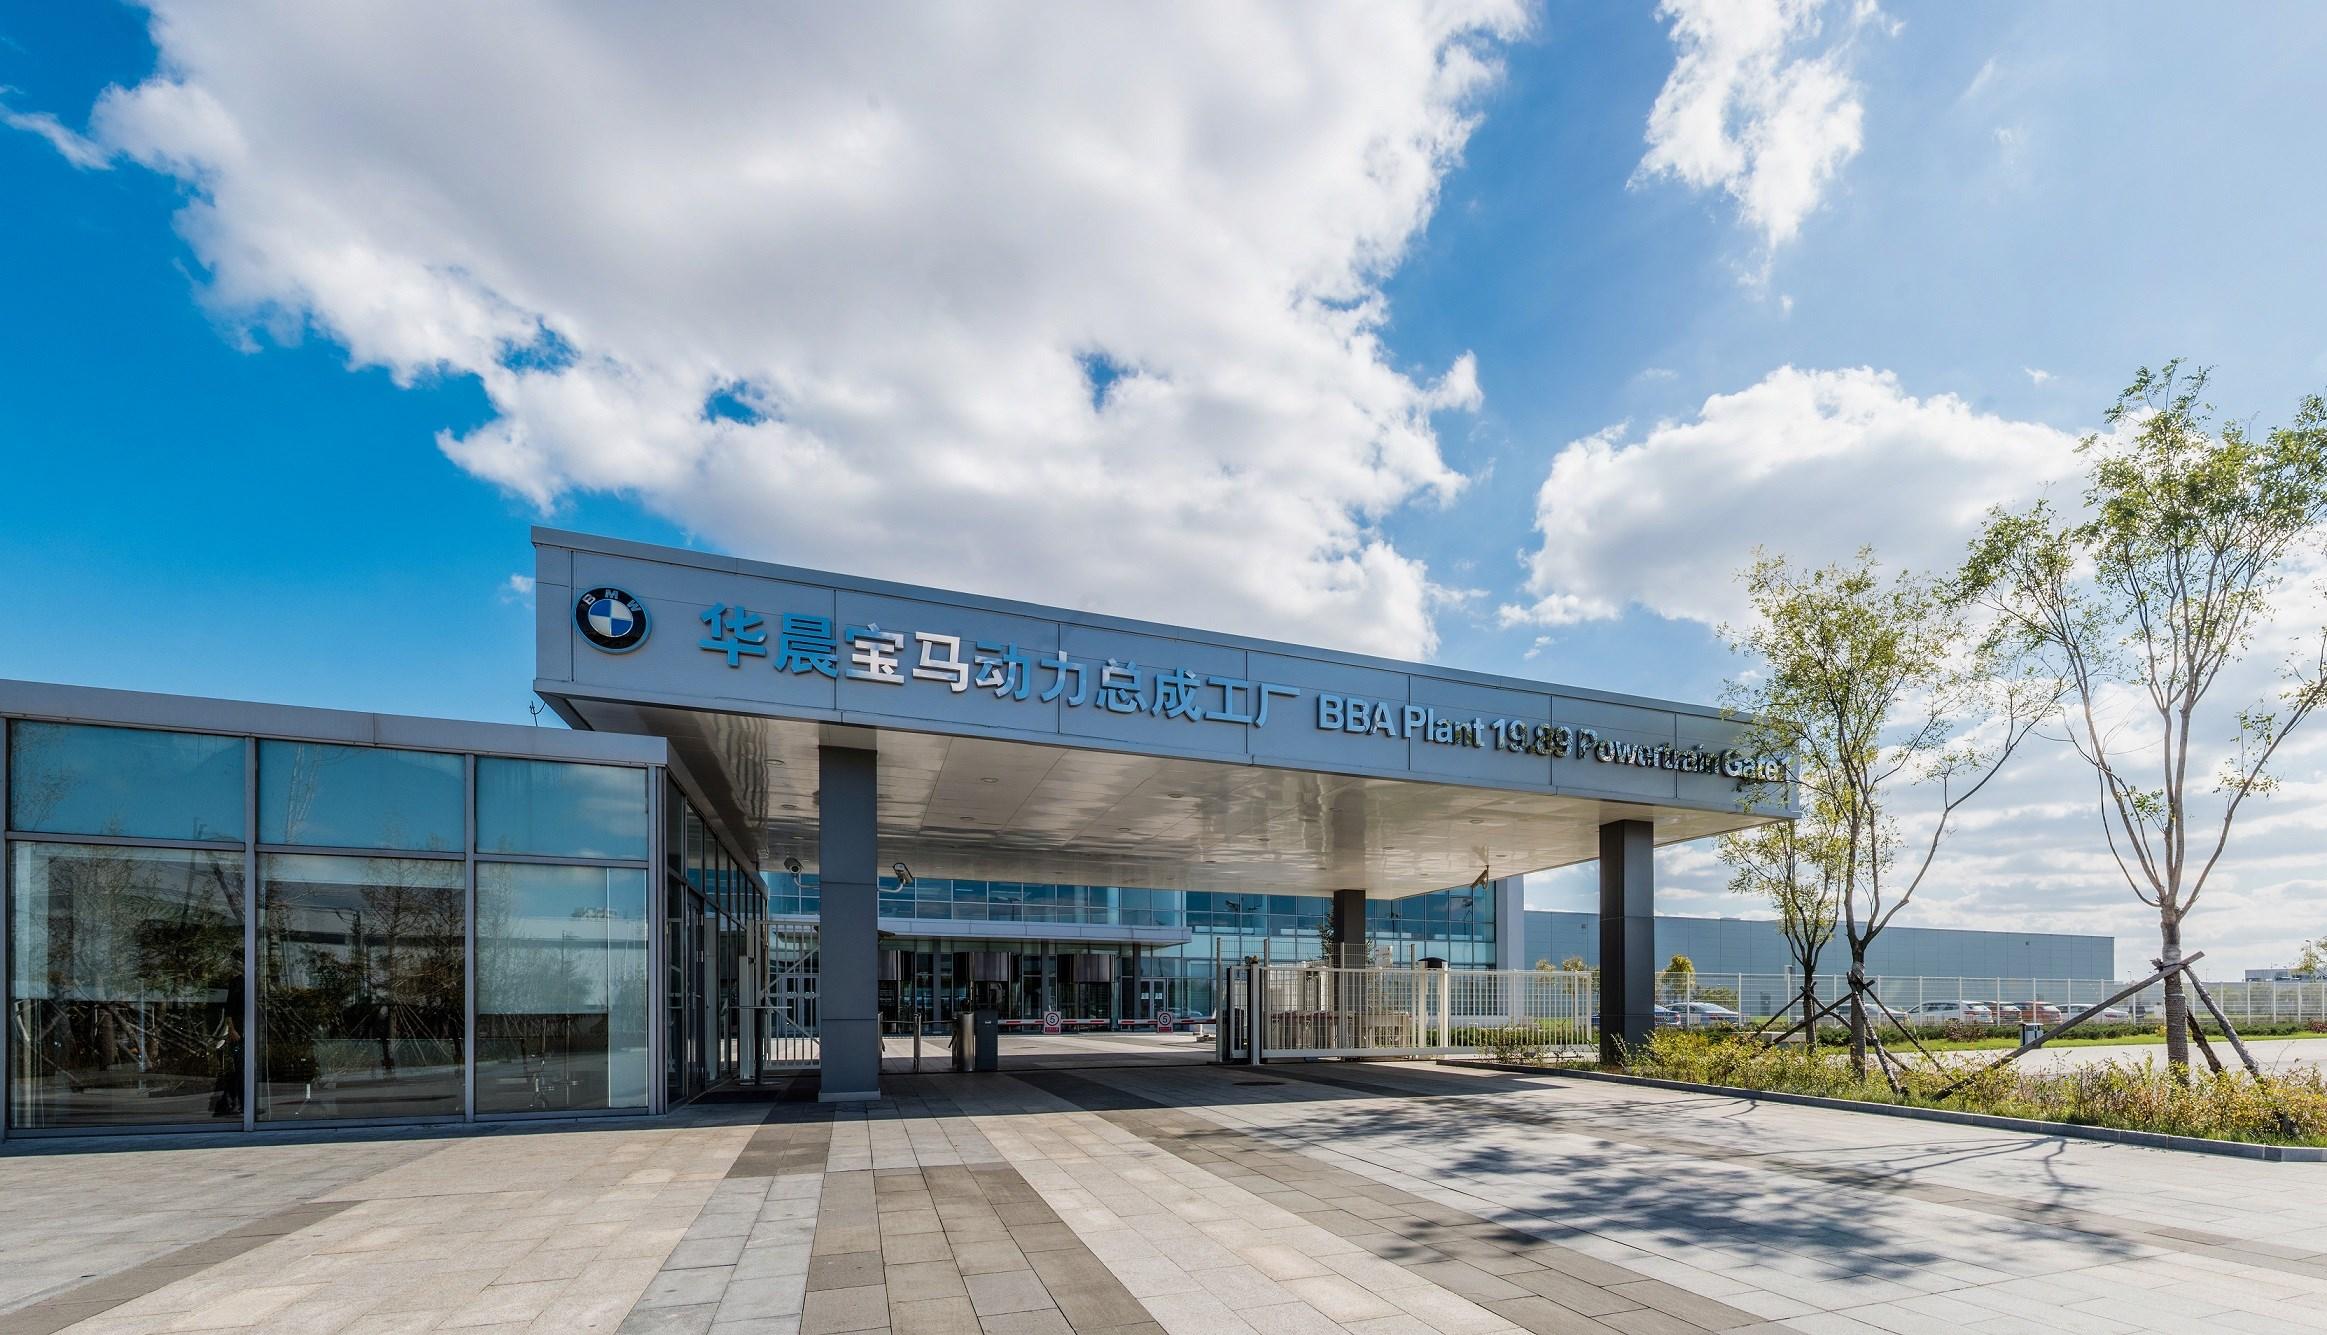 【第一现场】新能源竞争升级 华晨宝马电动车生产将自给自足